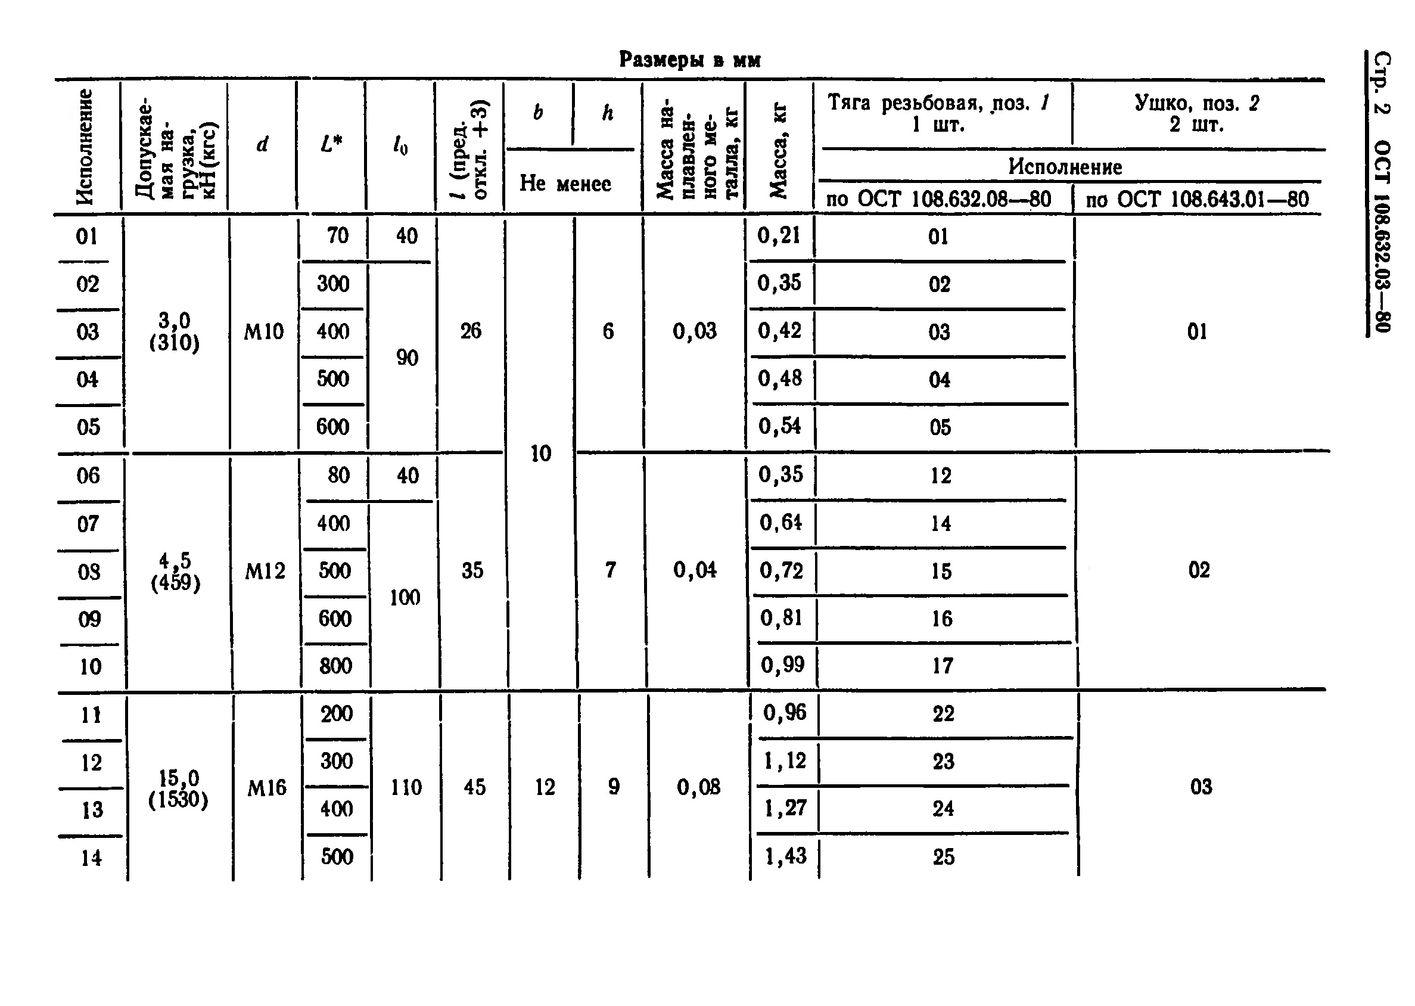 Тяги резьбовые с ушком ОСТ 108.632.03-80 стр.2